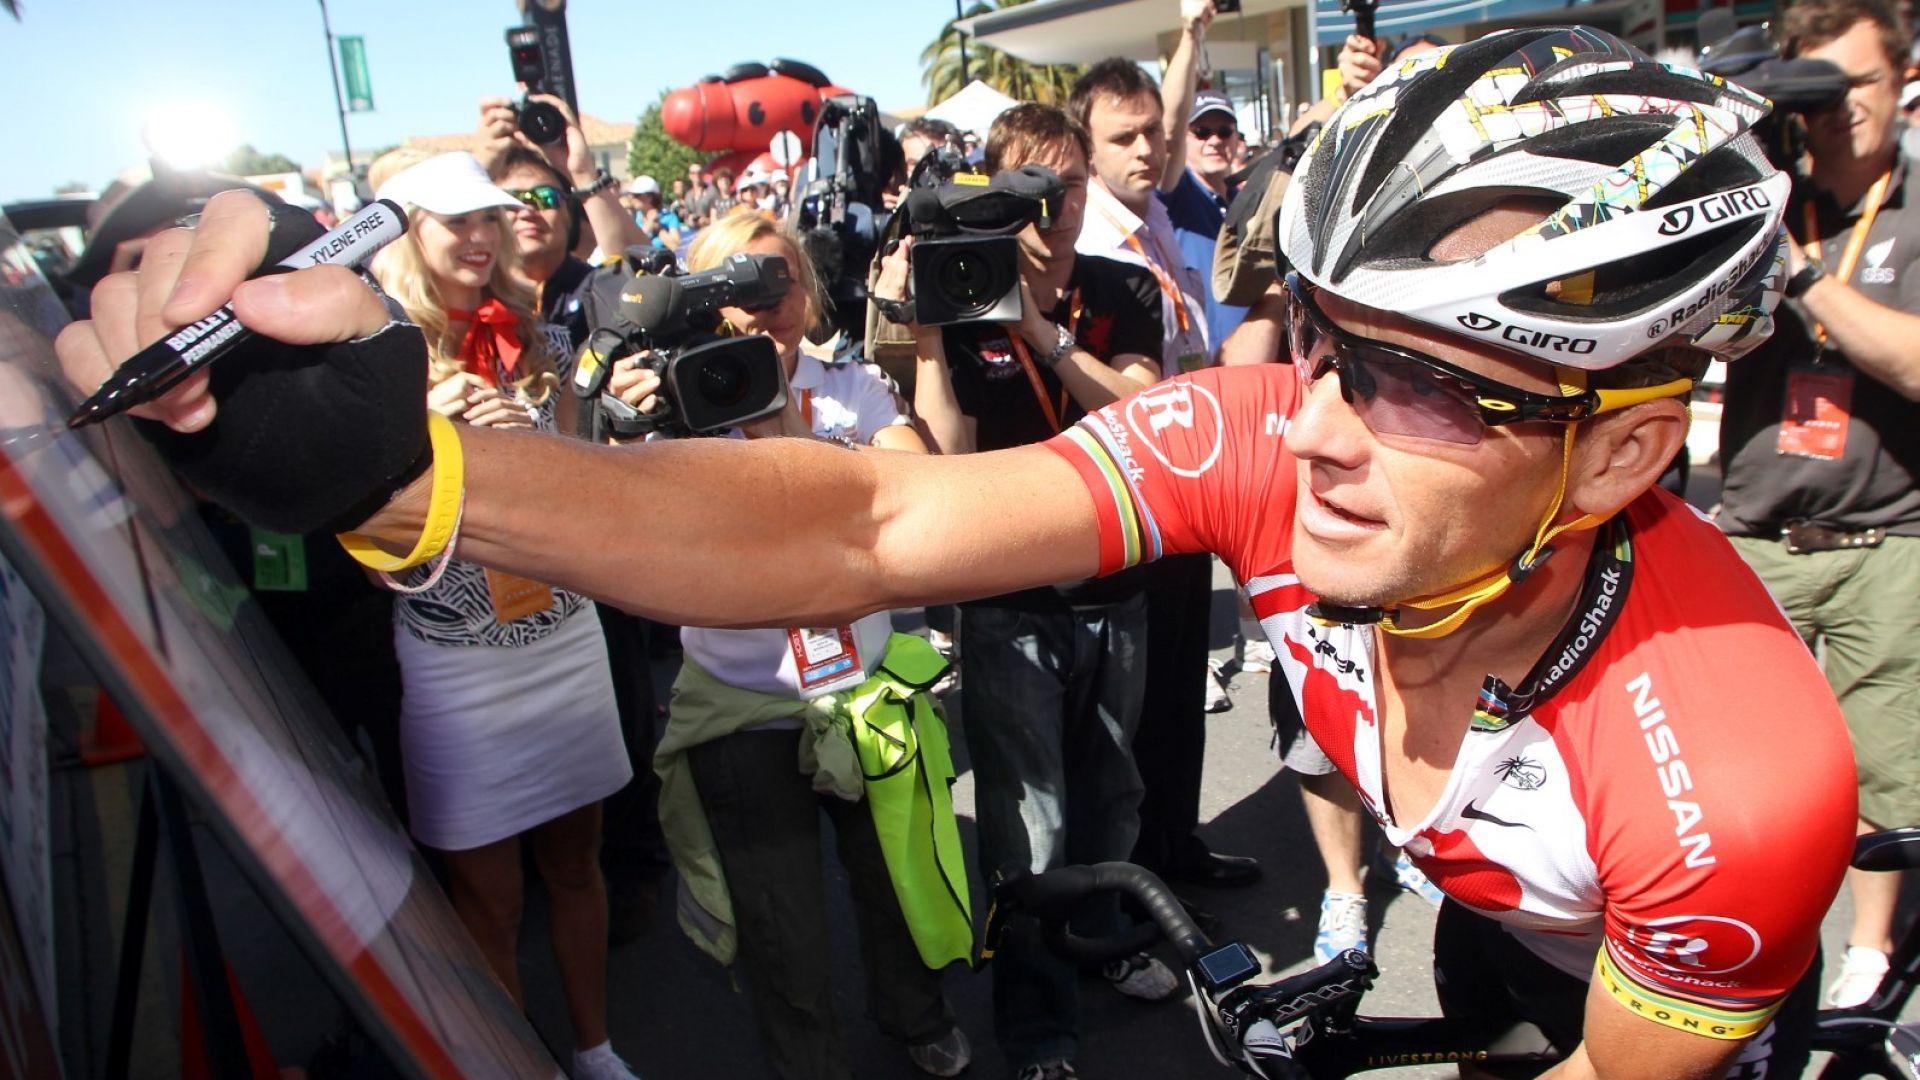 Ланс Армстронг: Всички взимат допинг, аз просто бях твърде арогантен